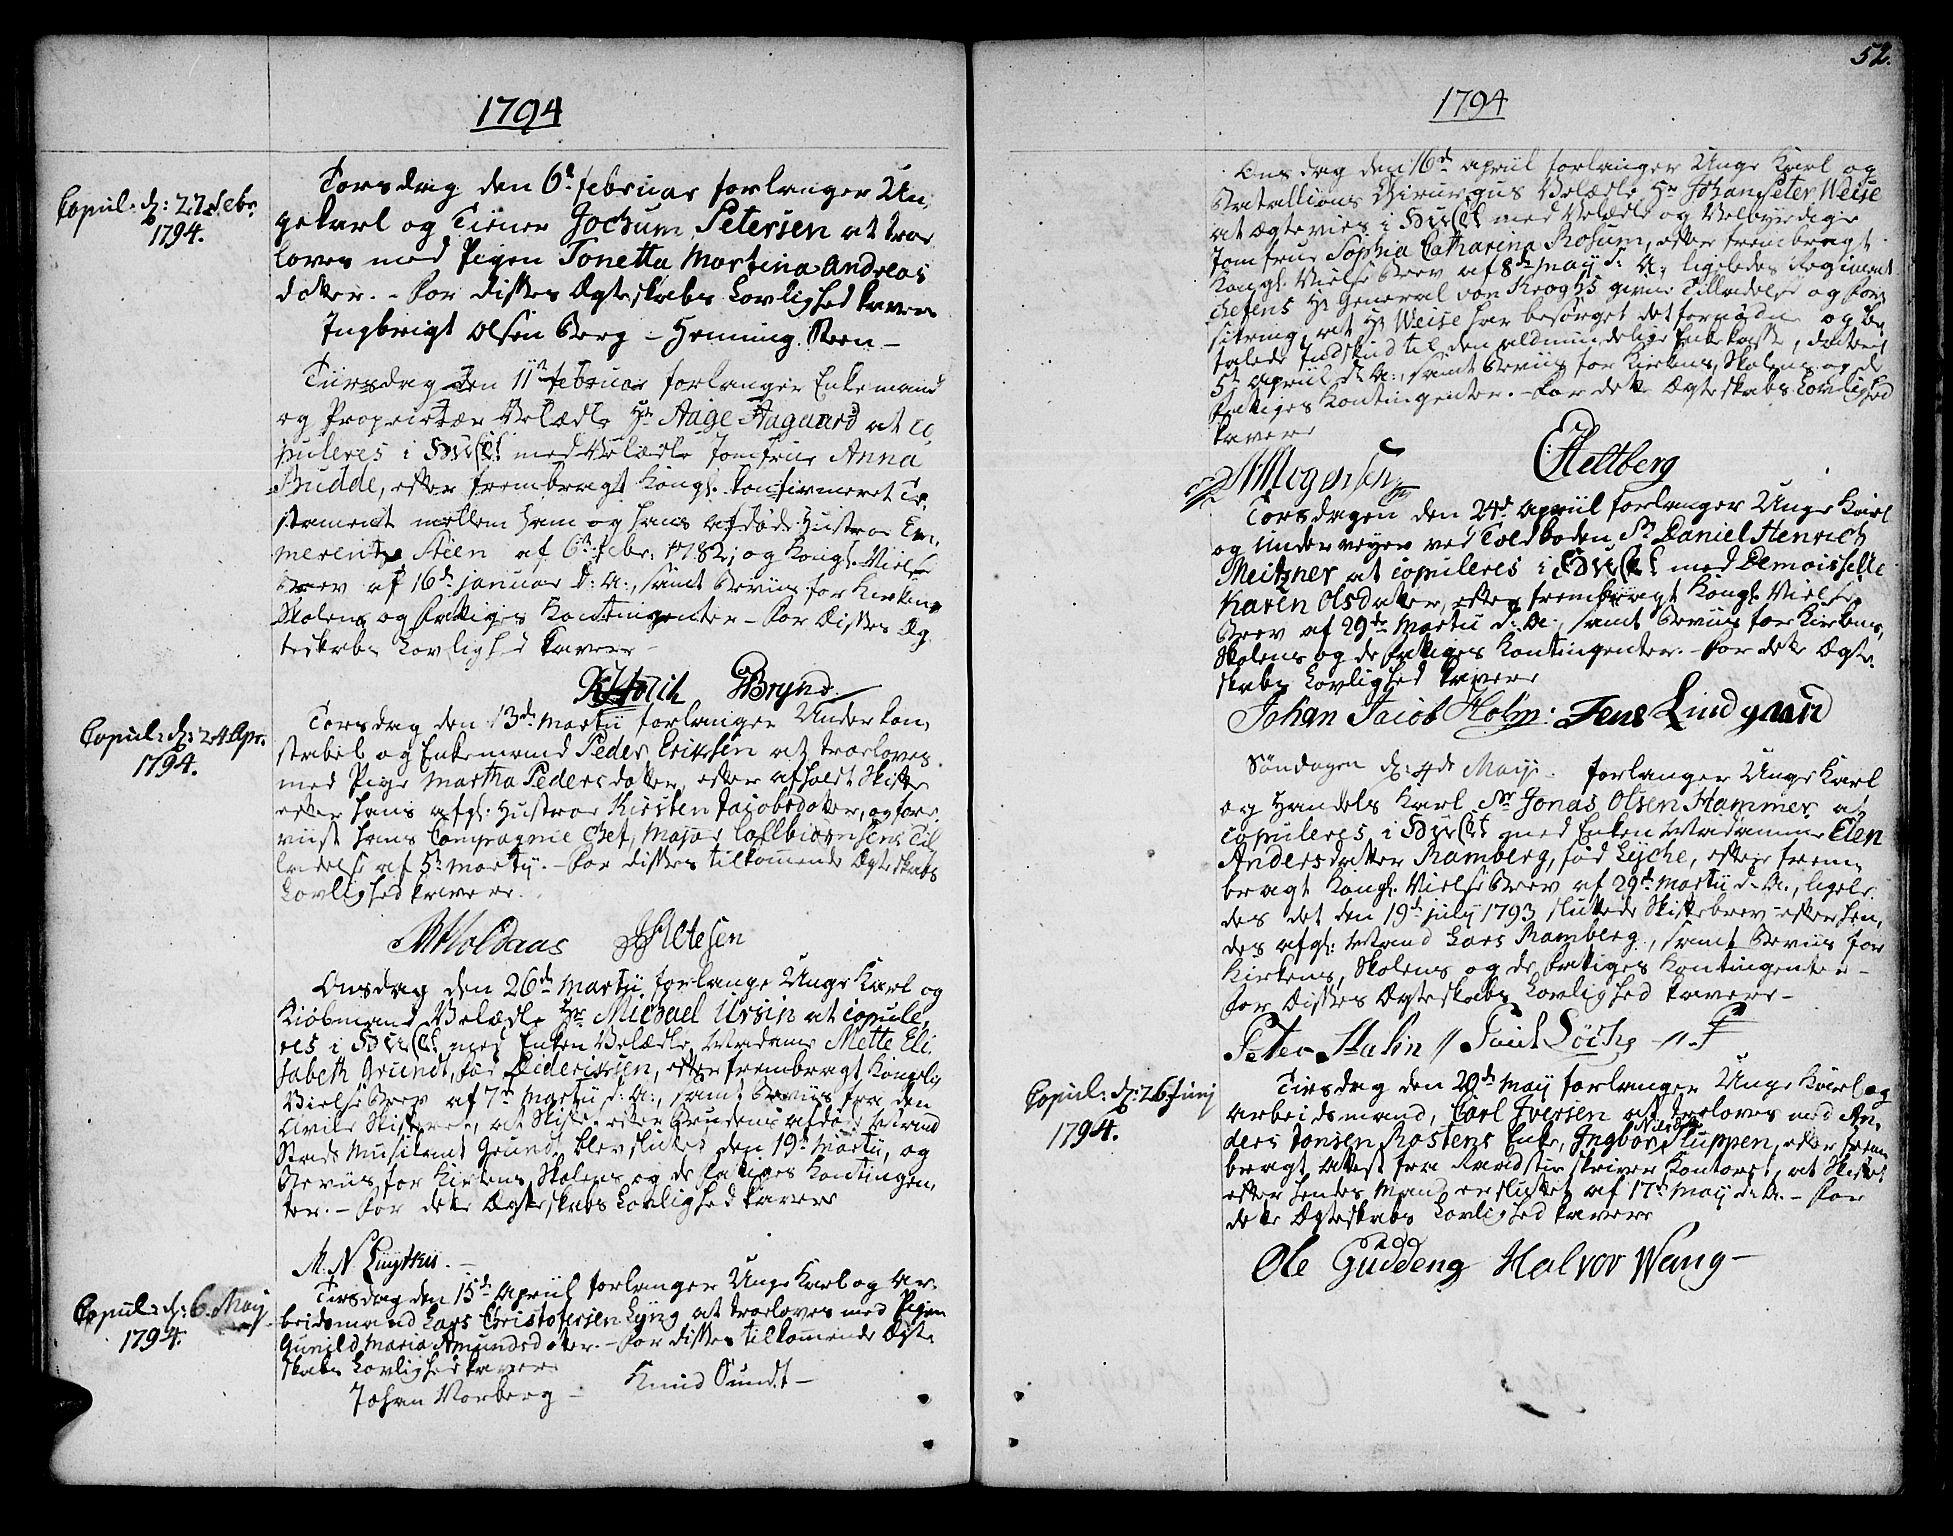 SAT, Ministerialprotokoller, klokkerbøker og fødselsregistre - Sør-Trøndelag, 601/L0041: Ministerialbok nr. 601A09, 1784-1801, s. 52